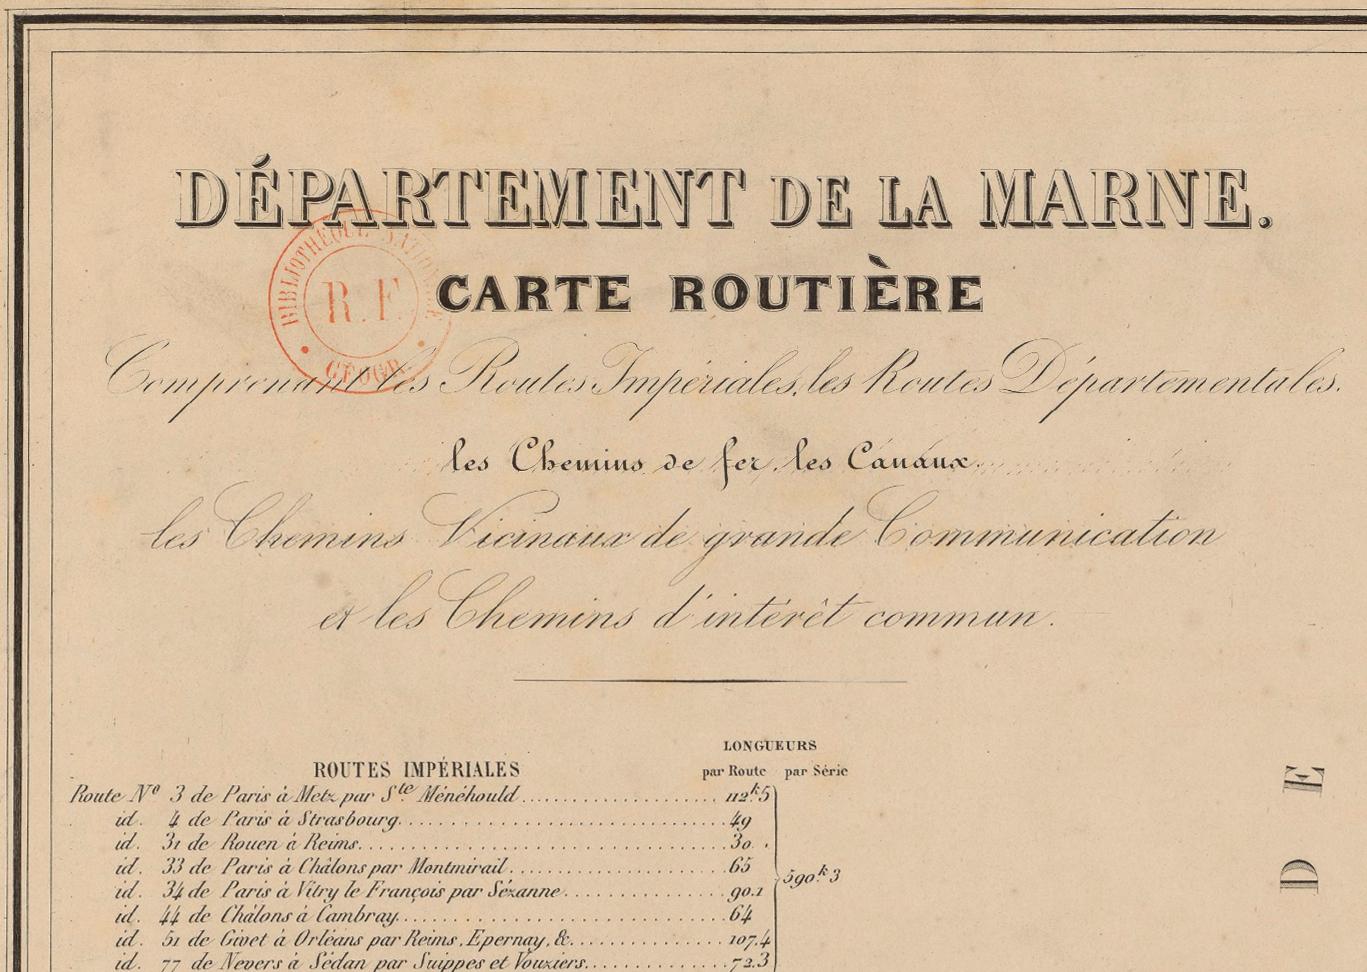 Liste Des Routes Impériales Françaises De 1811 — Wikipédia serapportantà Gap Sur La Carte De France